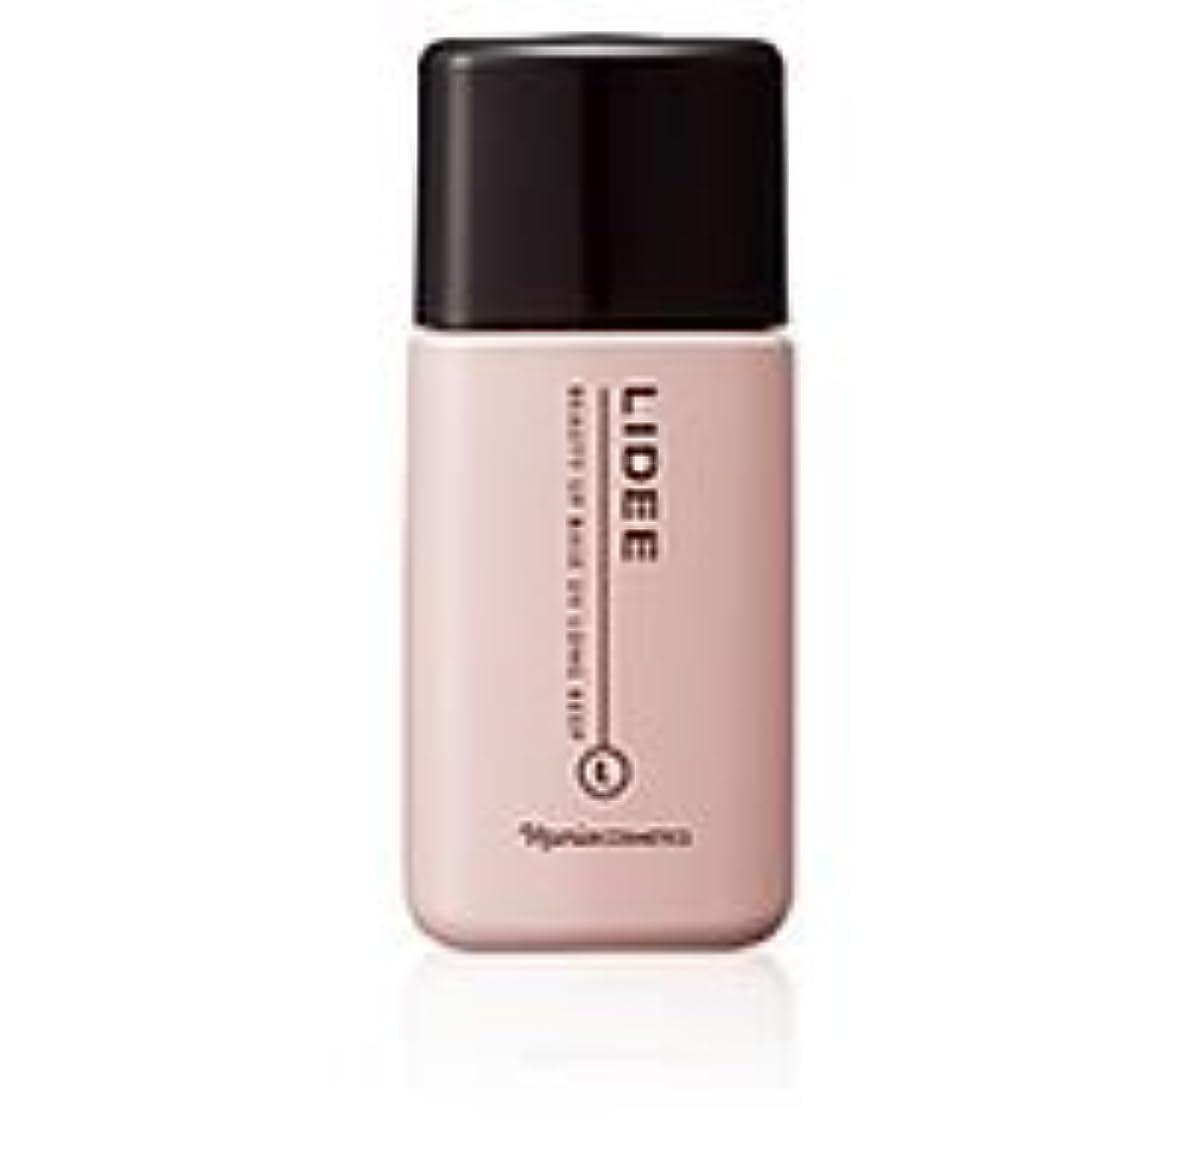 購入受益者せっかちナリス リディ メーキャップ ベース UV ロングキープ (化粧下地) 27ml (ベージュ)